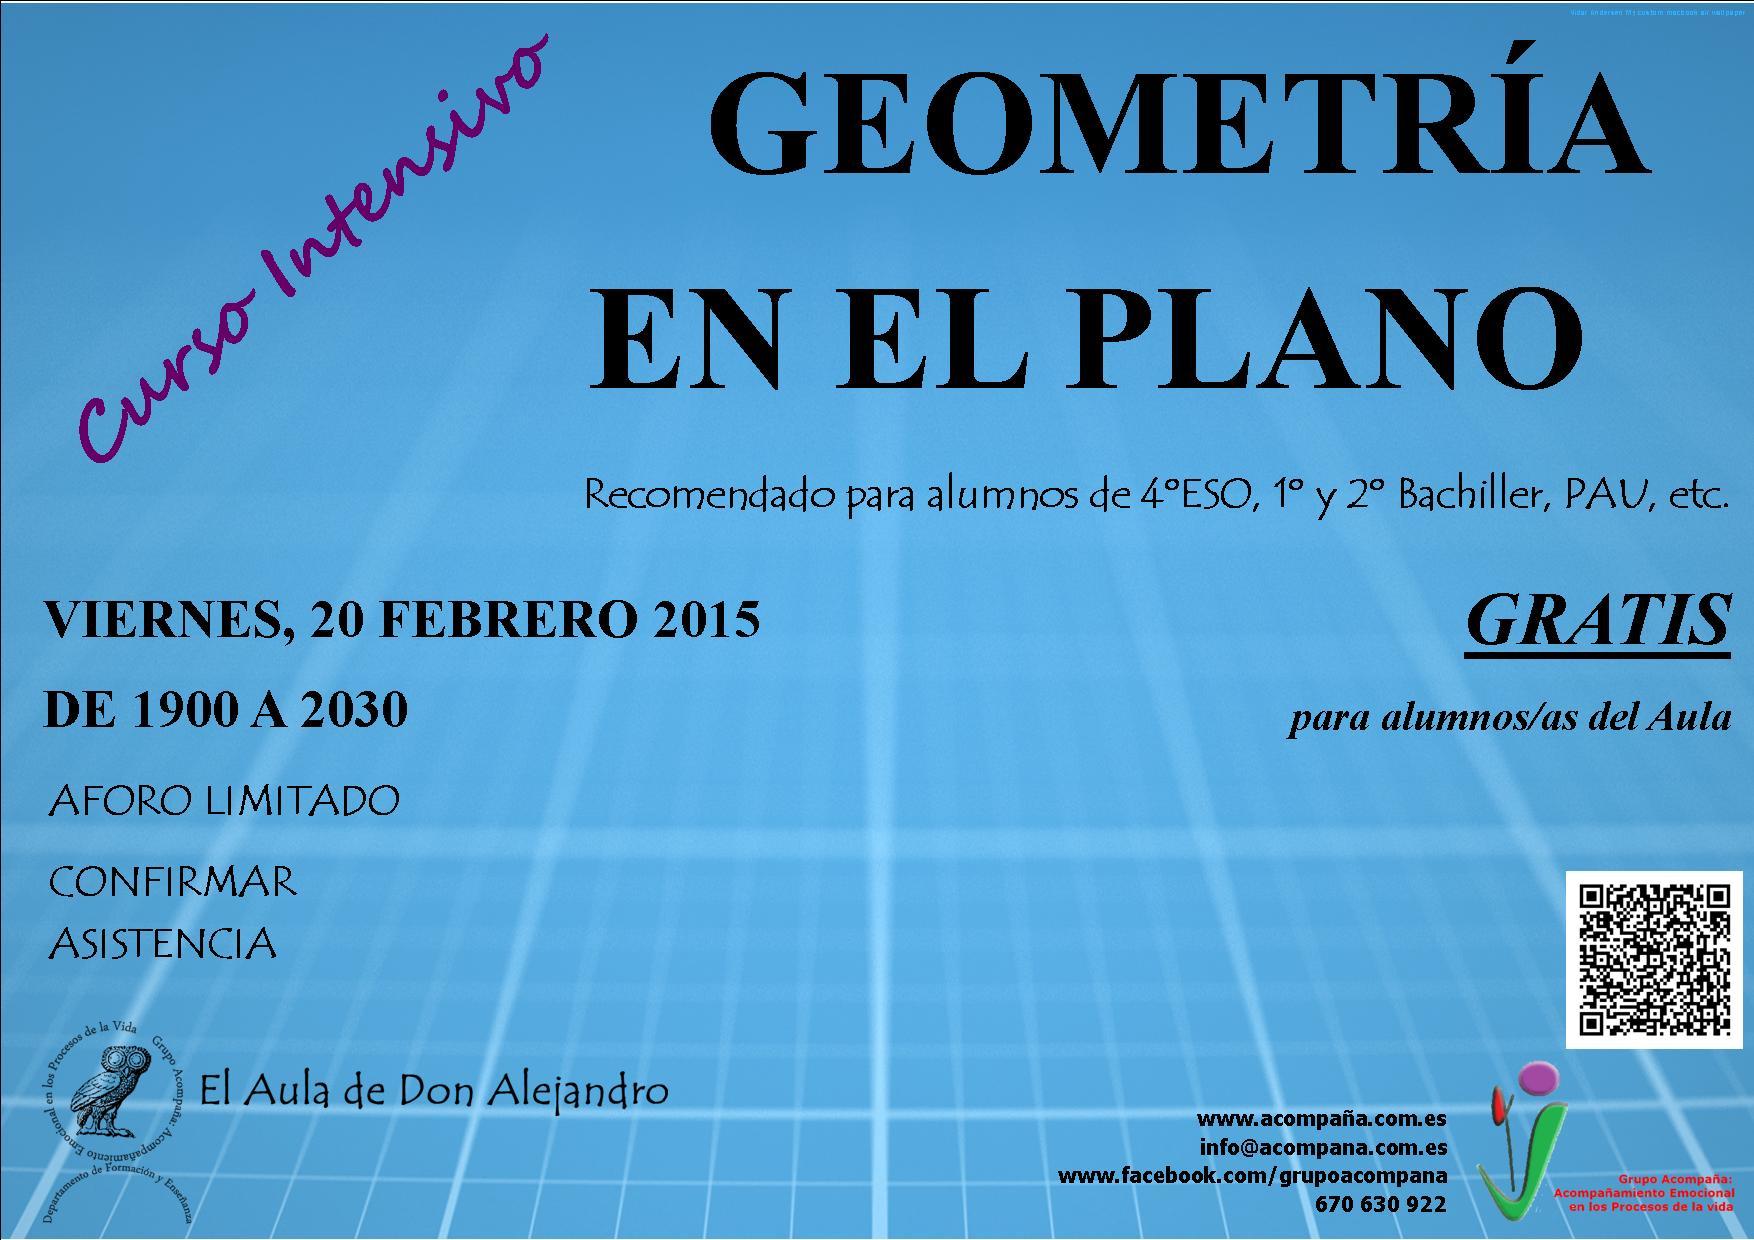 geometria en el plano 20feb